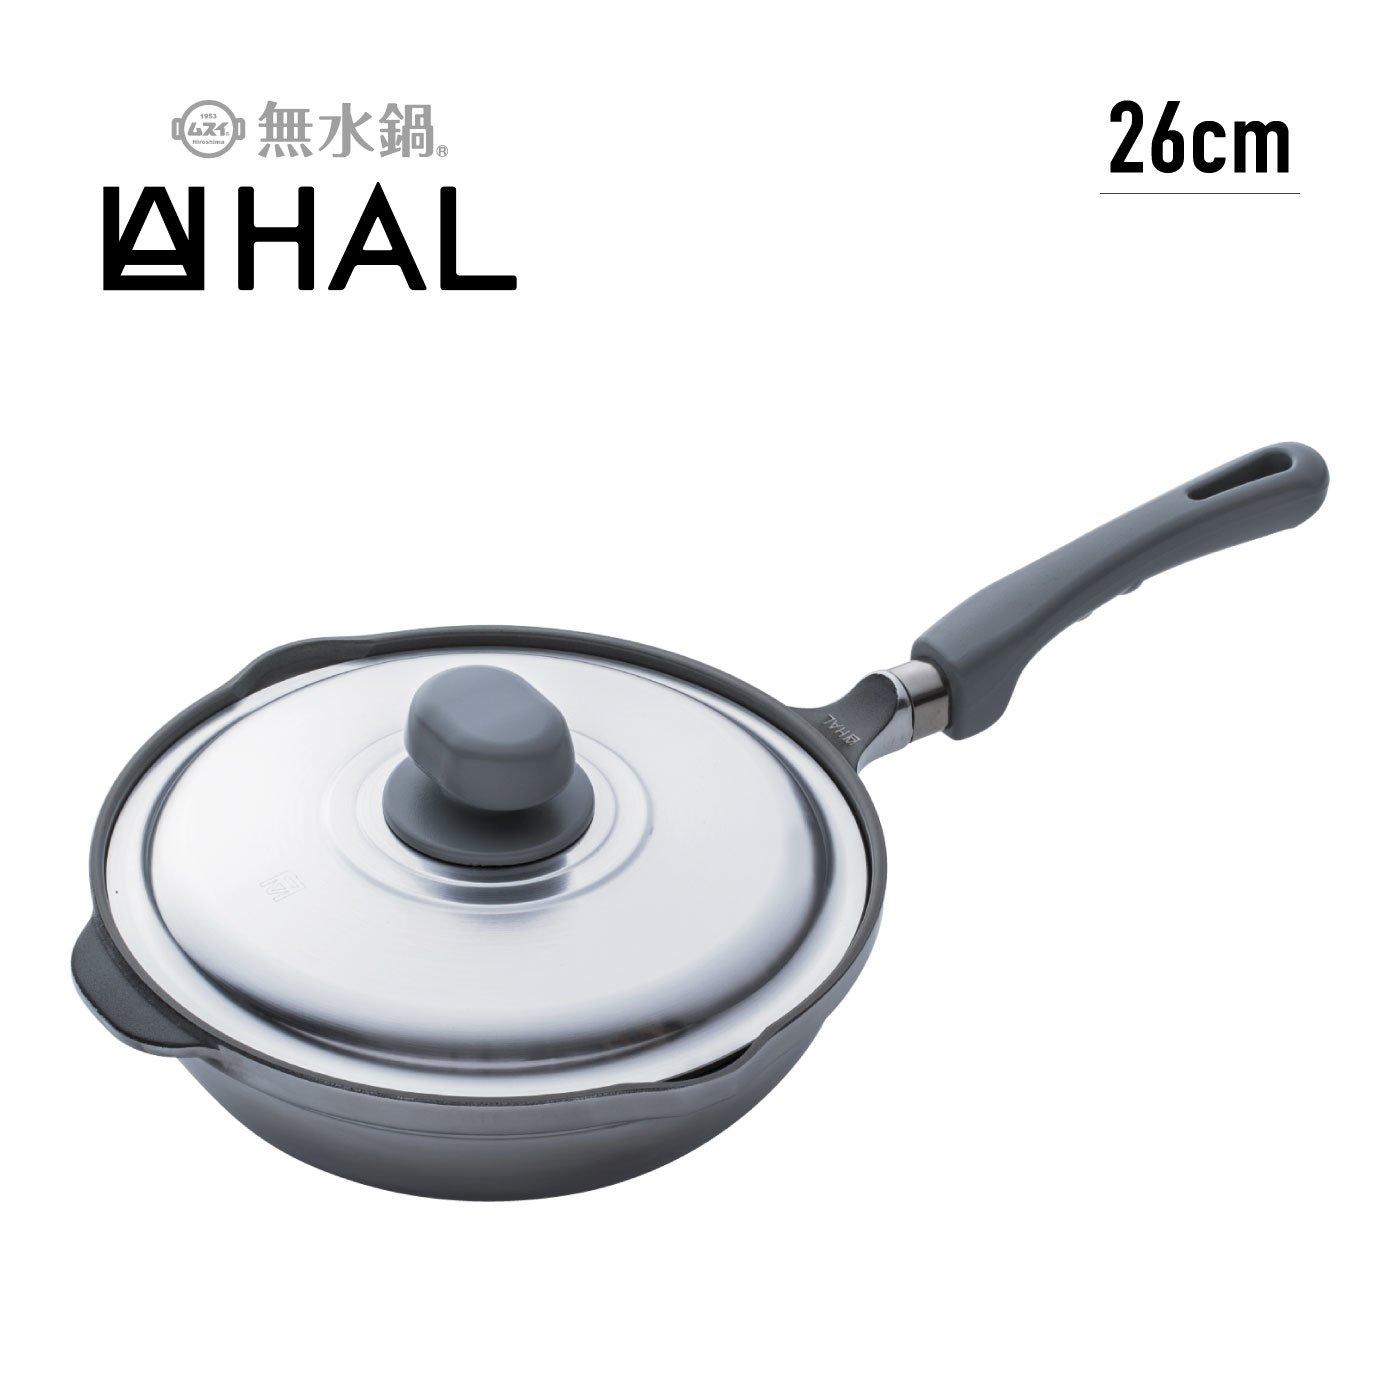 「手早く、おいしく」スマートライフのパートナー HAL万能無水鍋(R)26cm